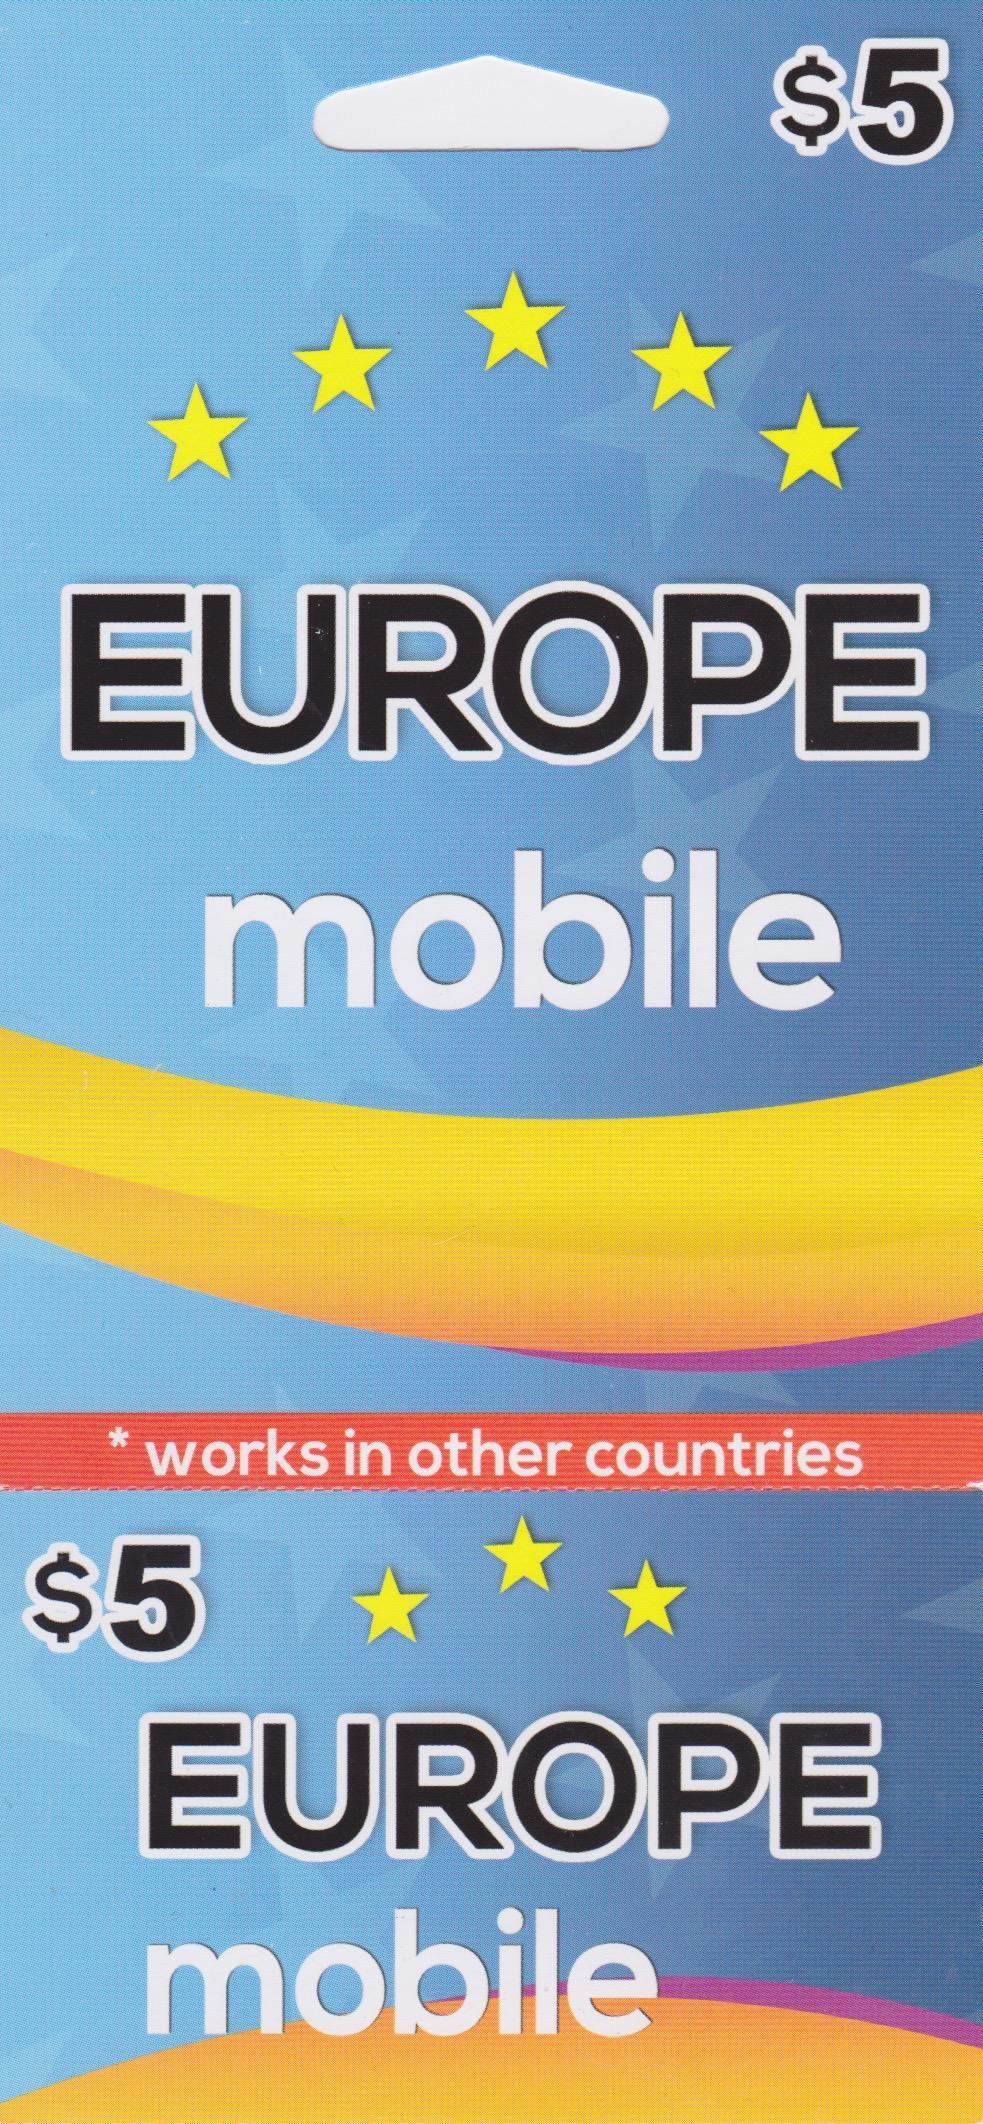 Europa mobile  $5